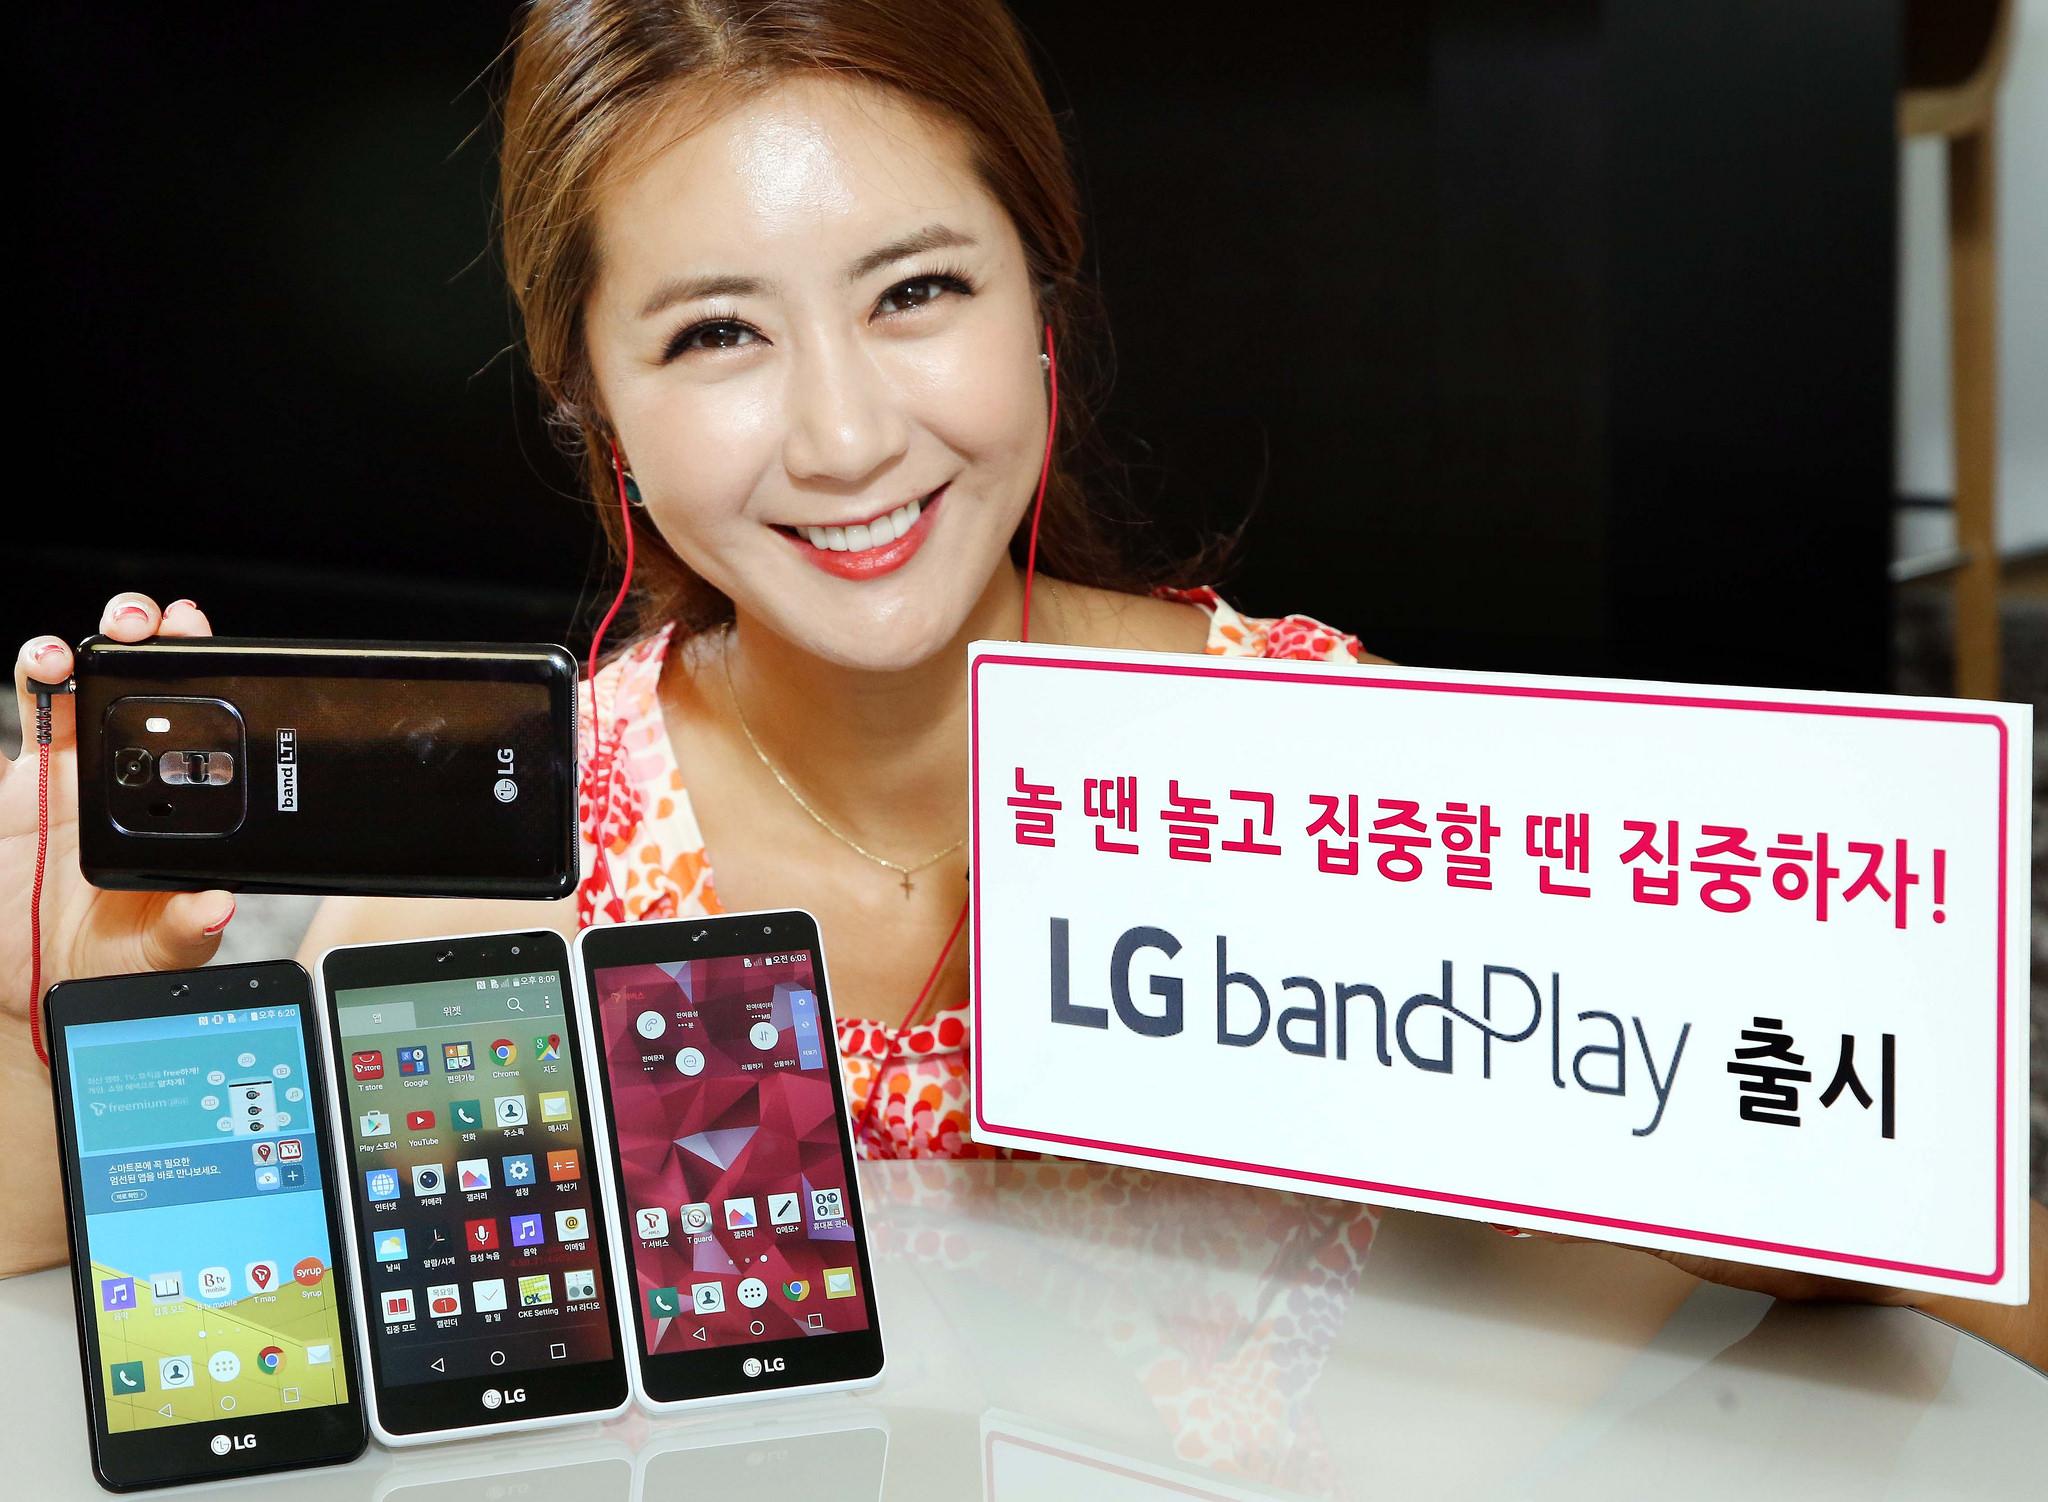 LG představilo Band Play